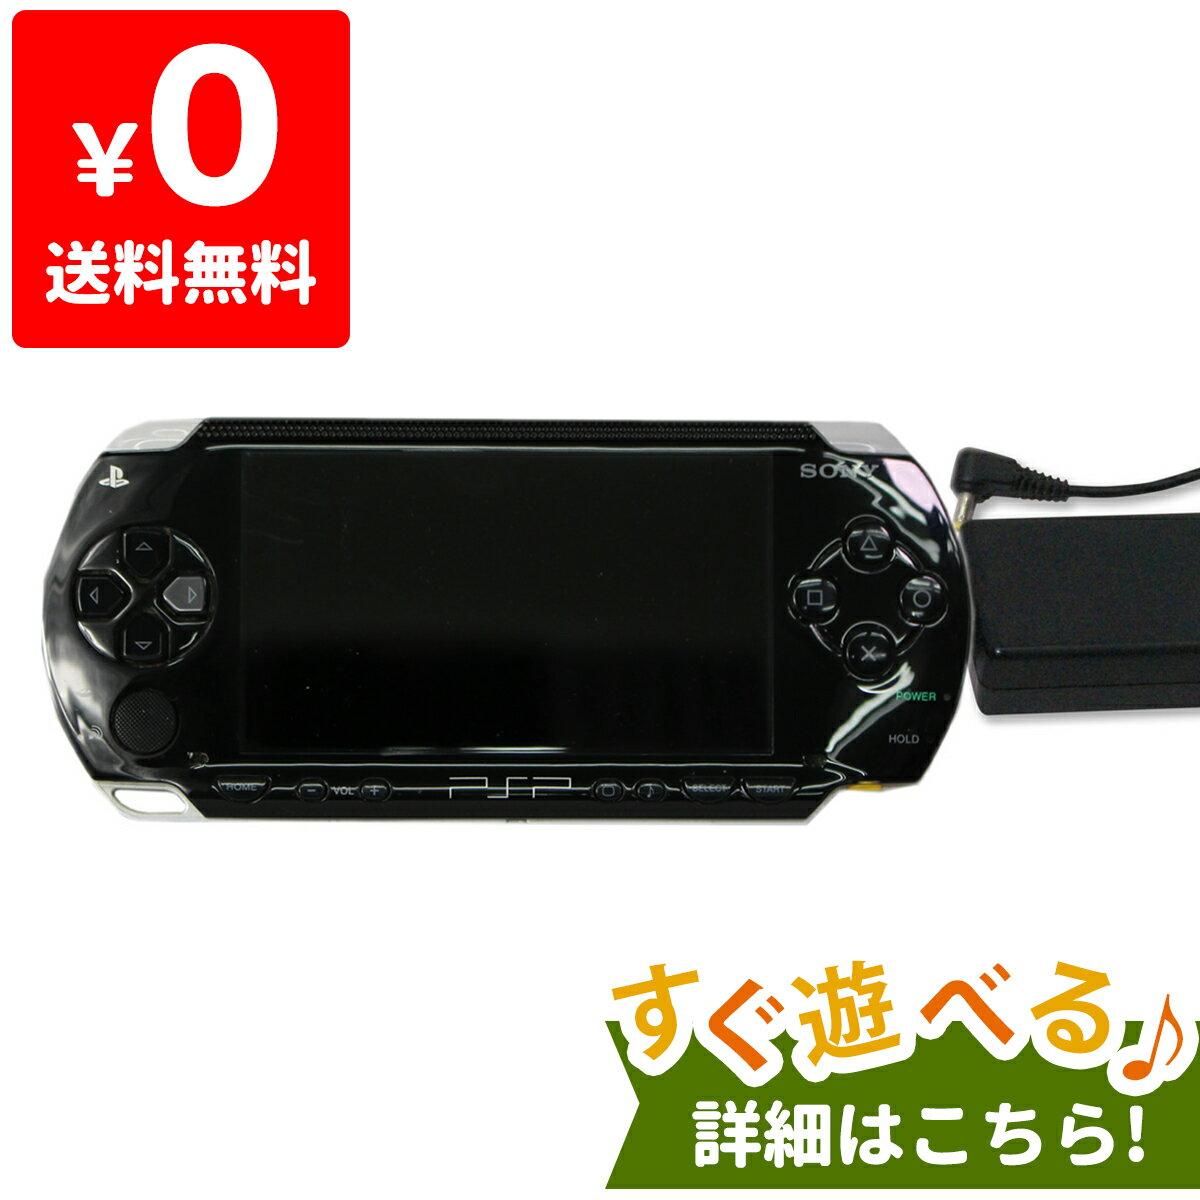 PSP 本体 PSP-1000 プレイステーション・ポータブル ブラック 本体 すぐ遊べるセット ニンテンドー 任天堂 Nintendo ゲーム機 中古 4948872410670 送料無料